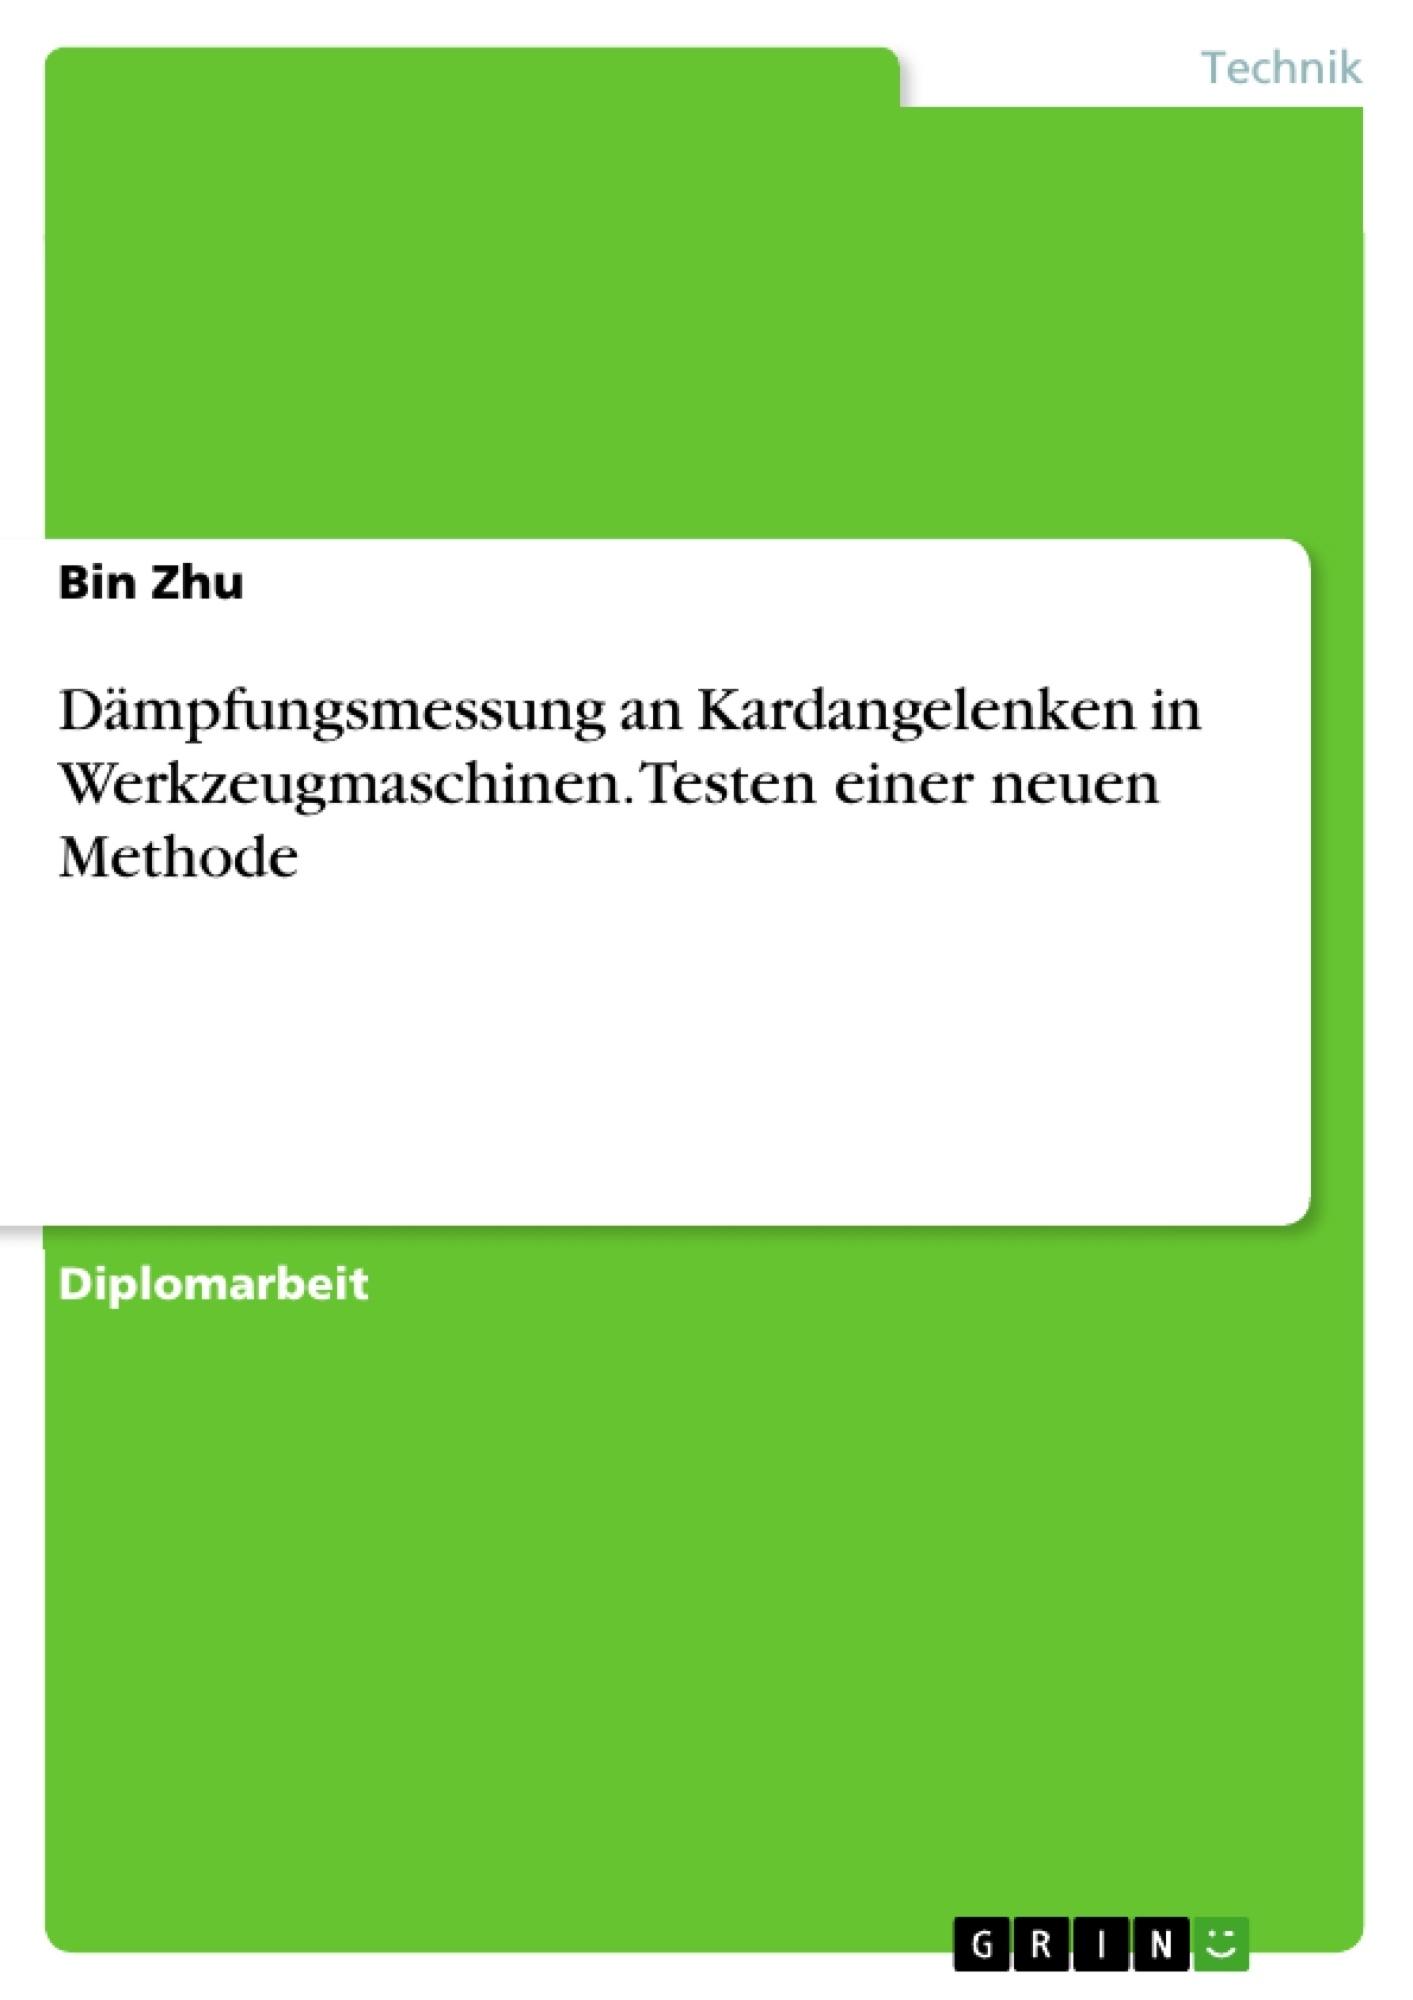 Titel: Dämpfungsmessung an Kardangelenken in Werkzeugmaschinen. Testen einer neuen Methode